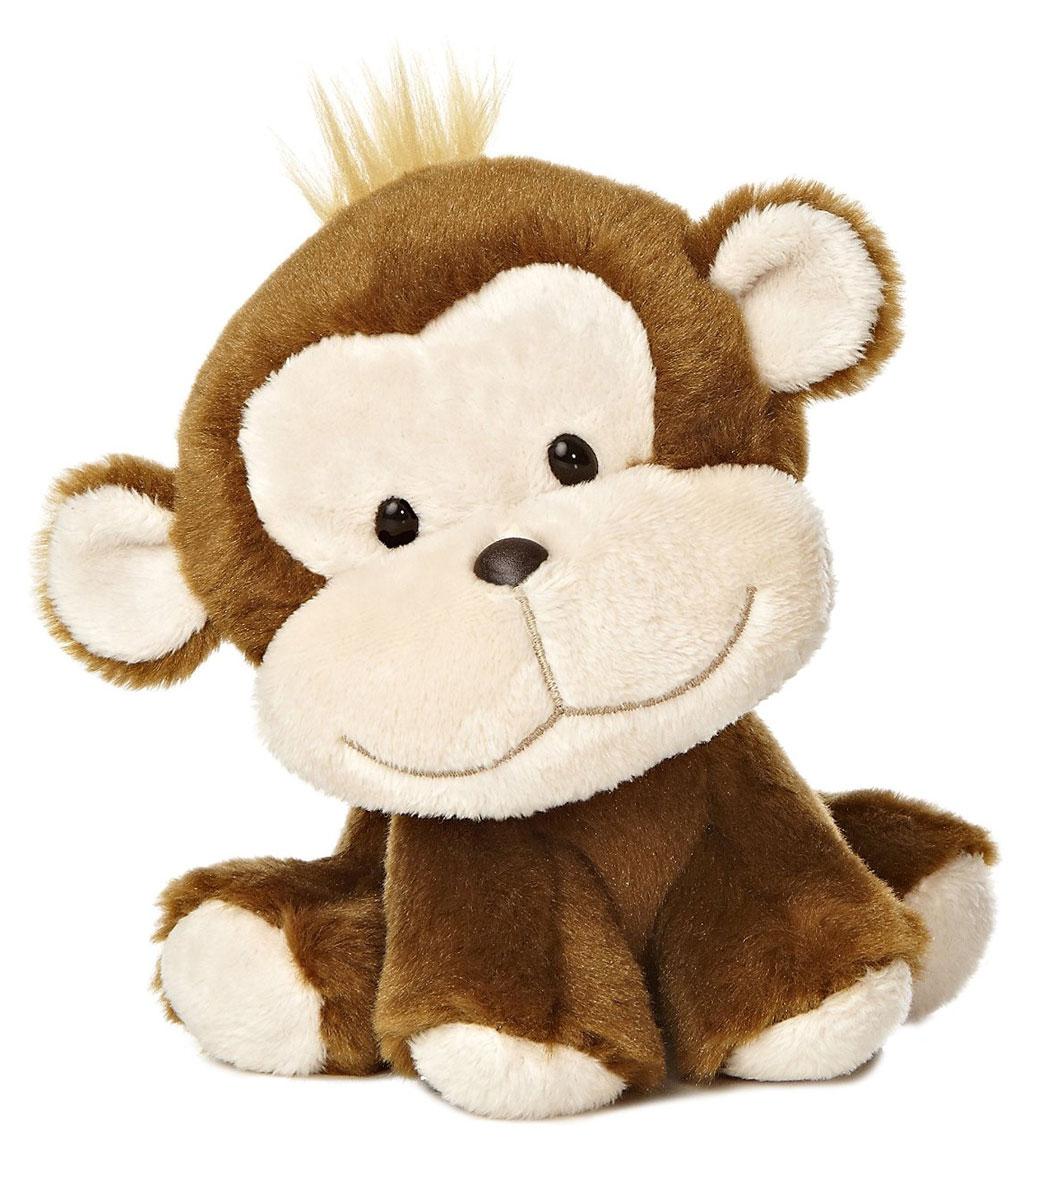 Aurora Мягкая игрушка Обезьянка Wobbly Bobblee, 18 см10-600Очаровательная мягкая игрушка Обезьянка принесет радость и подарит своему обладателю мгновения нежных объятий и приятных воспоминаний. Игрушка очень похожа на своего живого прототипа. Глаза выполнены из пластика, мордочка обезьянки имеет уплотненную форму, что придает ей естественный вид. Игрушка изготовлена из экологически чистых материалов: высококачественного плюшa и гипoaллepгeнного cинтепoна. Не деформируется и не теряет внешний вид после машинной стирки. Великолепное качество исполнения делают эту игрушку чудесным подарком к любому празднику, как для ребенка, так и для взрослых.